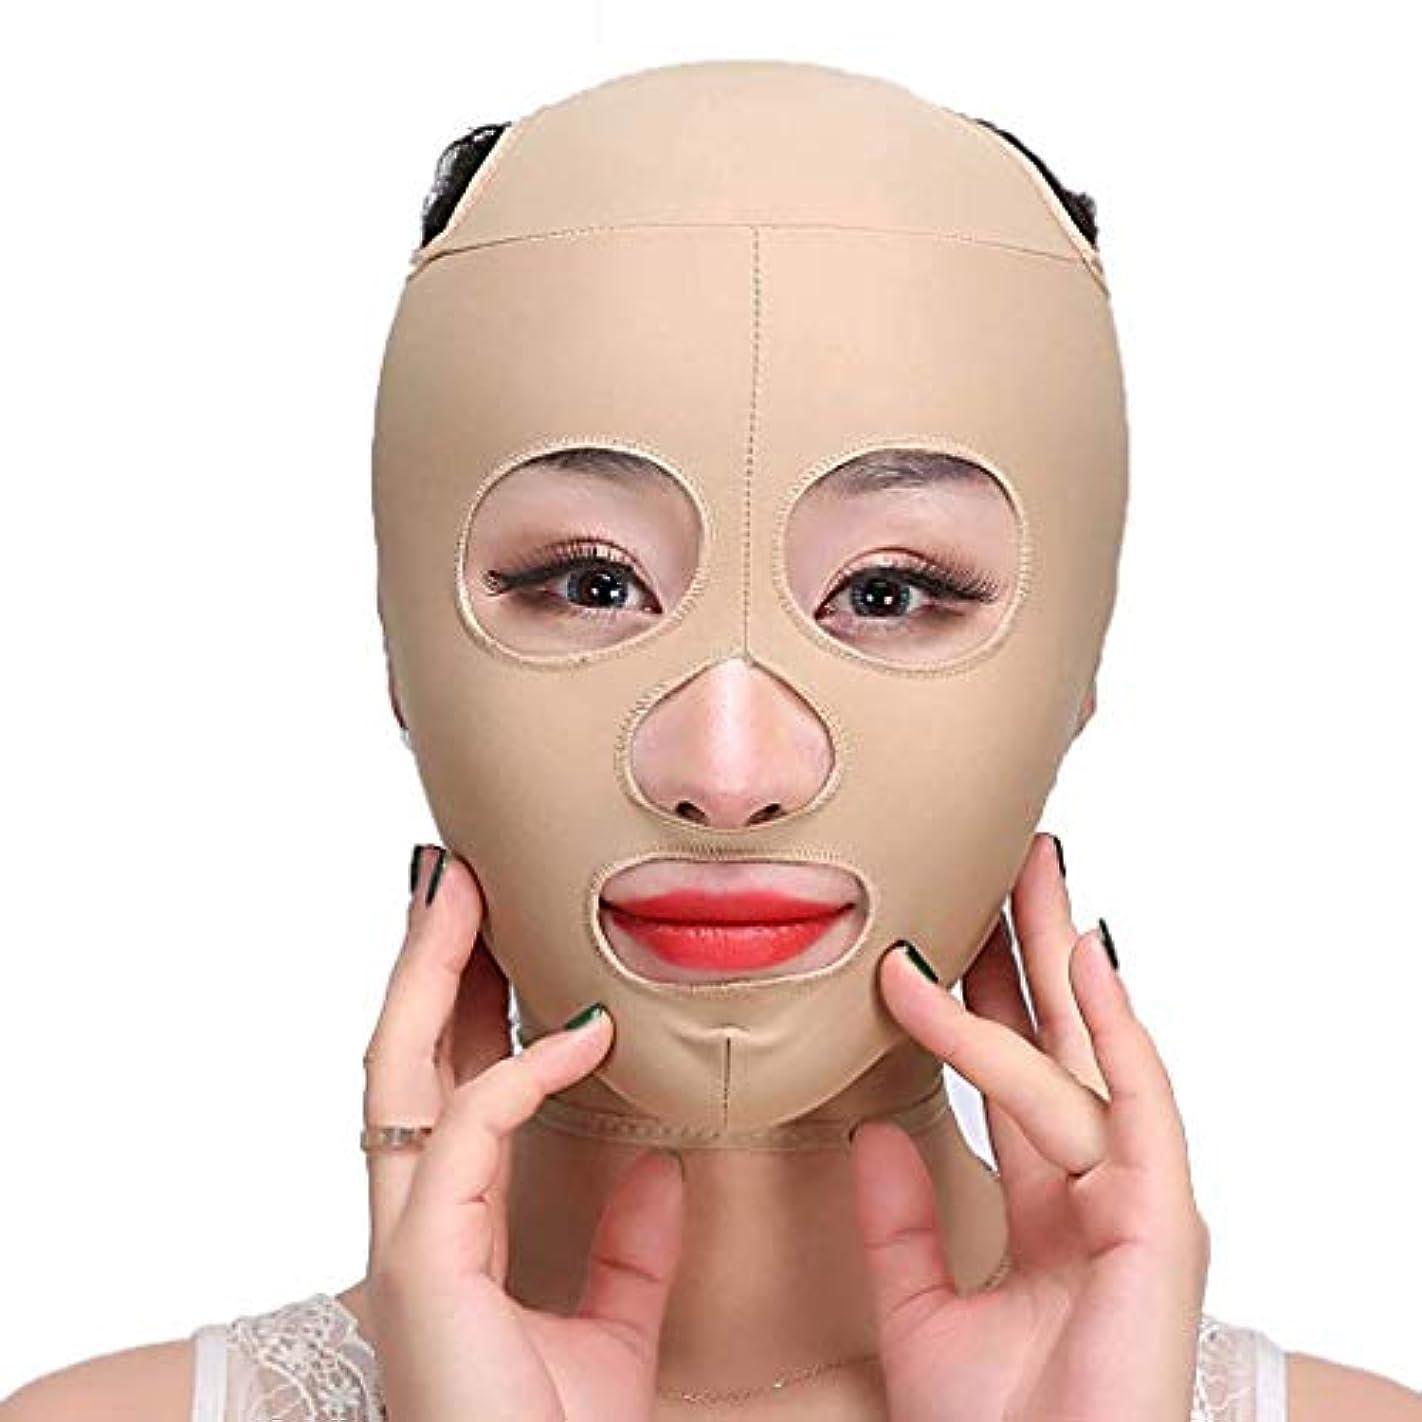 潜在的な引き付ける化合物スリミングベルト、フェイスマスクシンフェイスインストゥルメントリフティングファーミングVフェイス男性と女性フェイスリフティングステッカーダブルチンフェイスリフティングフェイスマスク包帯フェイシャルマッサージ(サイズ:M),ザ?